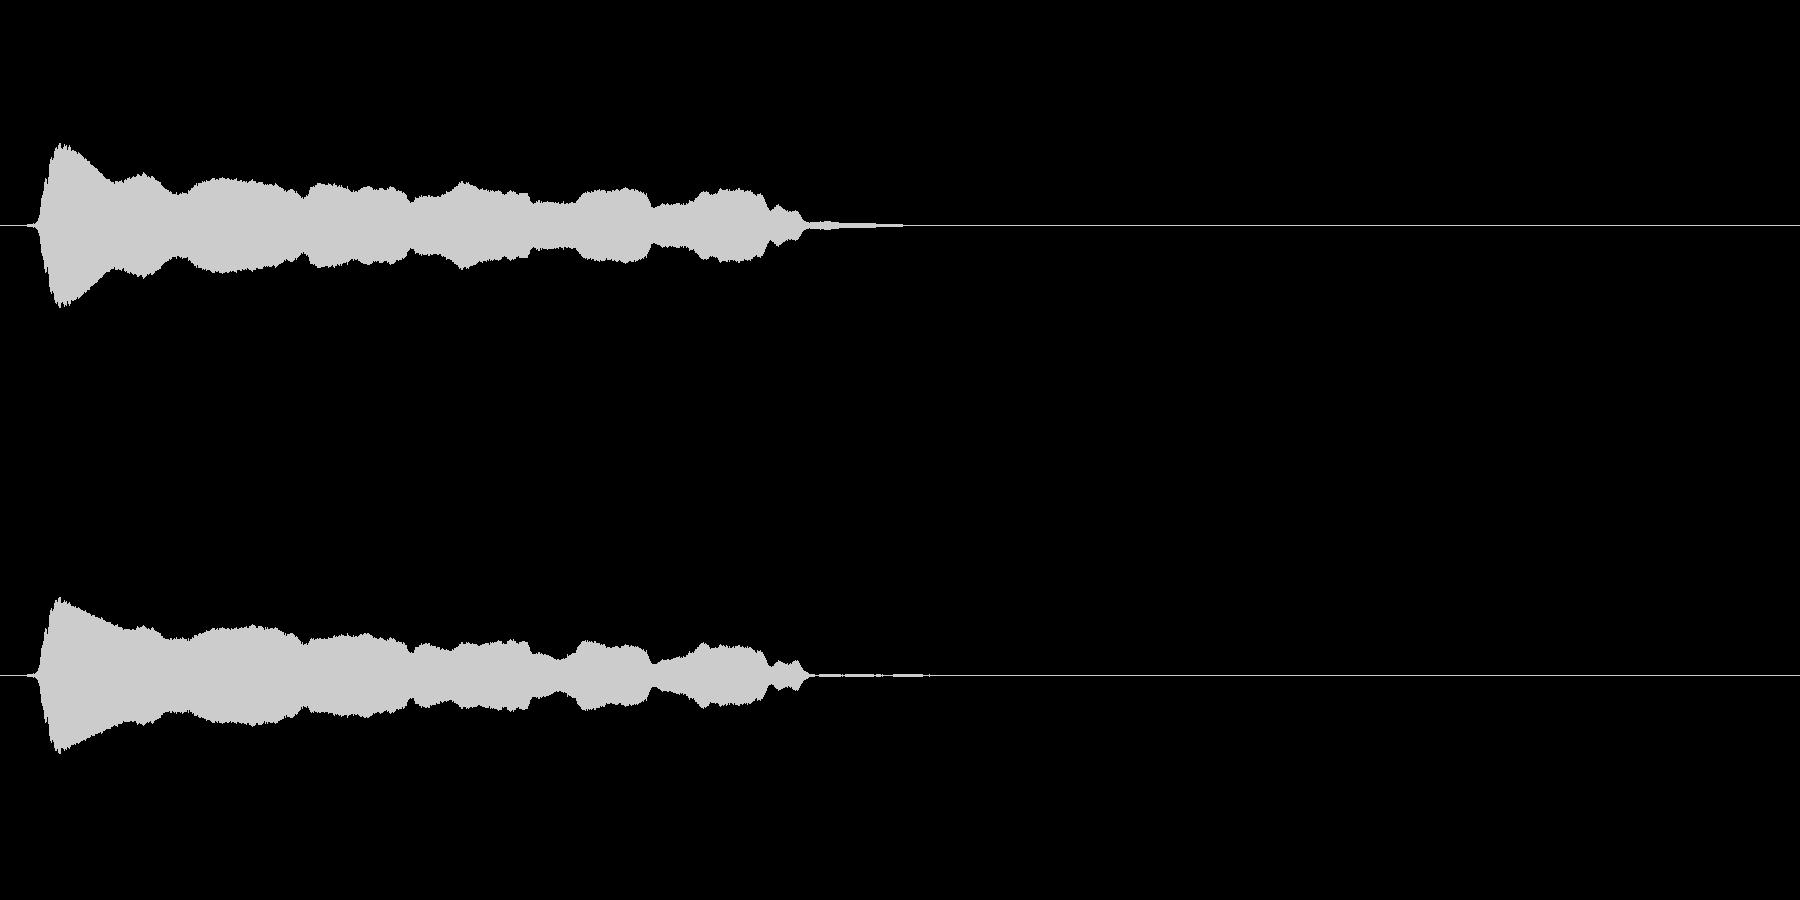 長い「ピーーー」というホイッスル(笛)音の未再生の波形